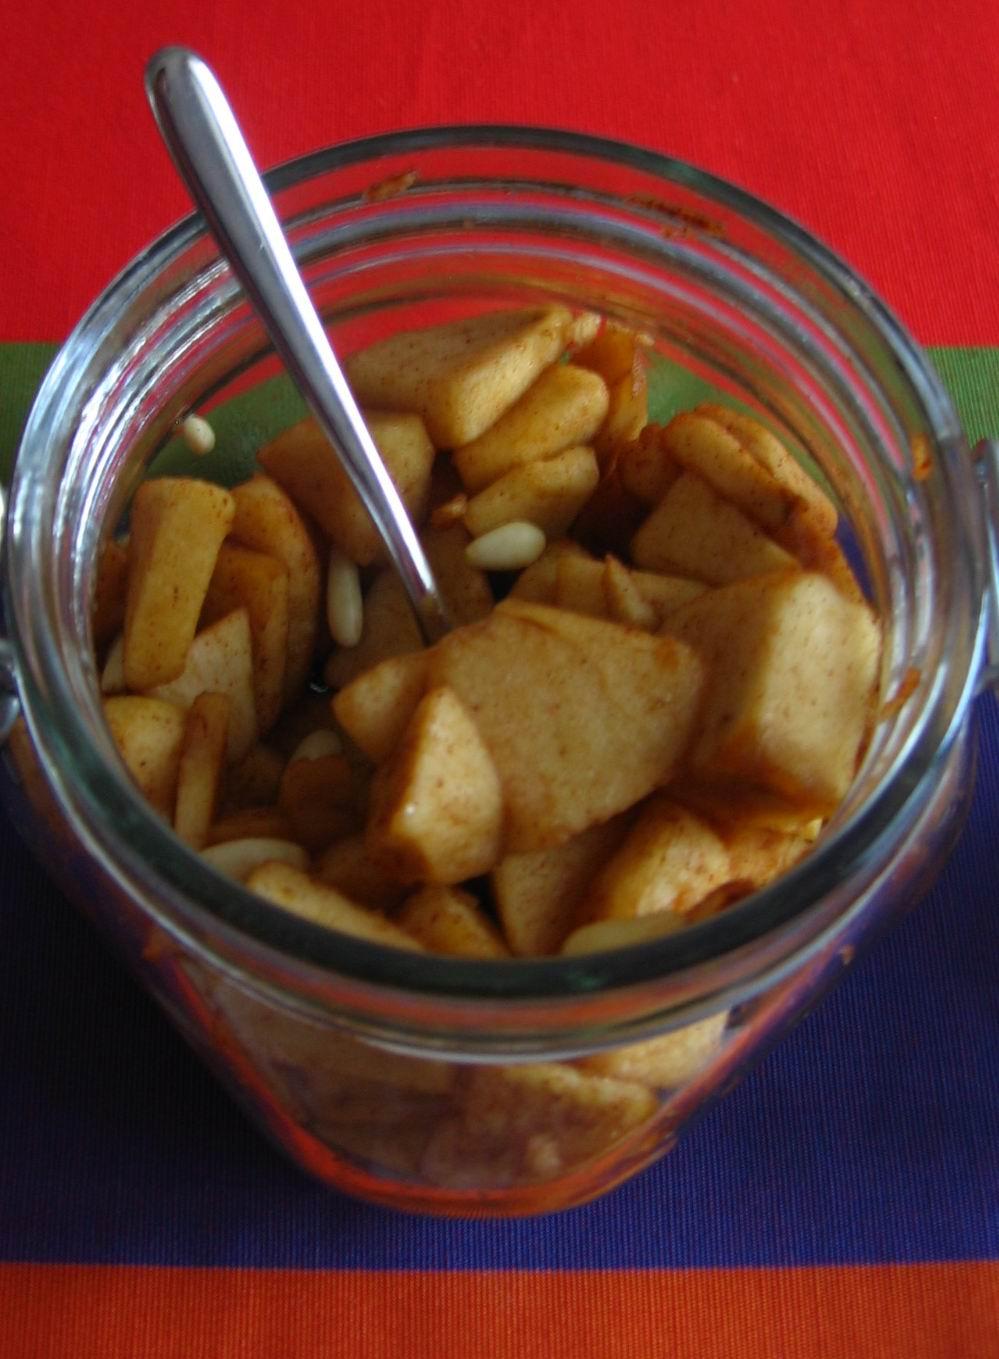 La cucina vegana di elettra mela cotta in lavastoviglie - Cucinare nella lavastoviglie ...